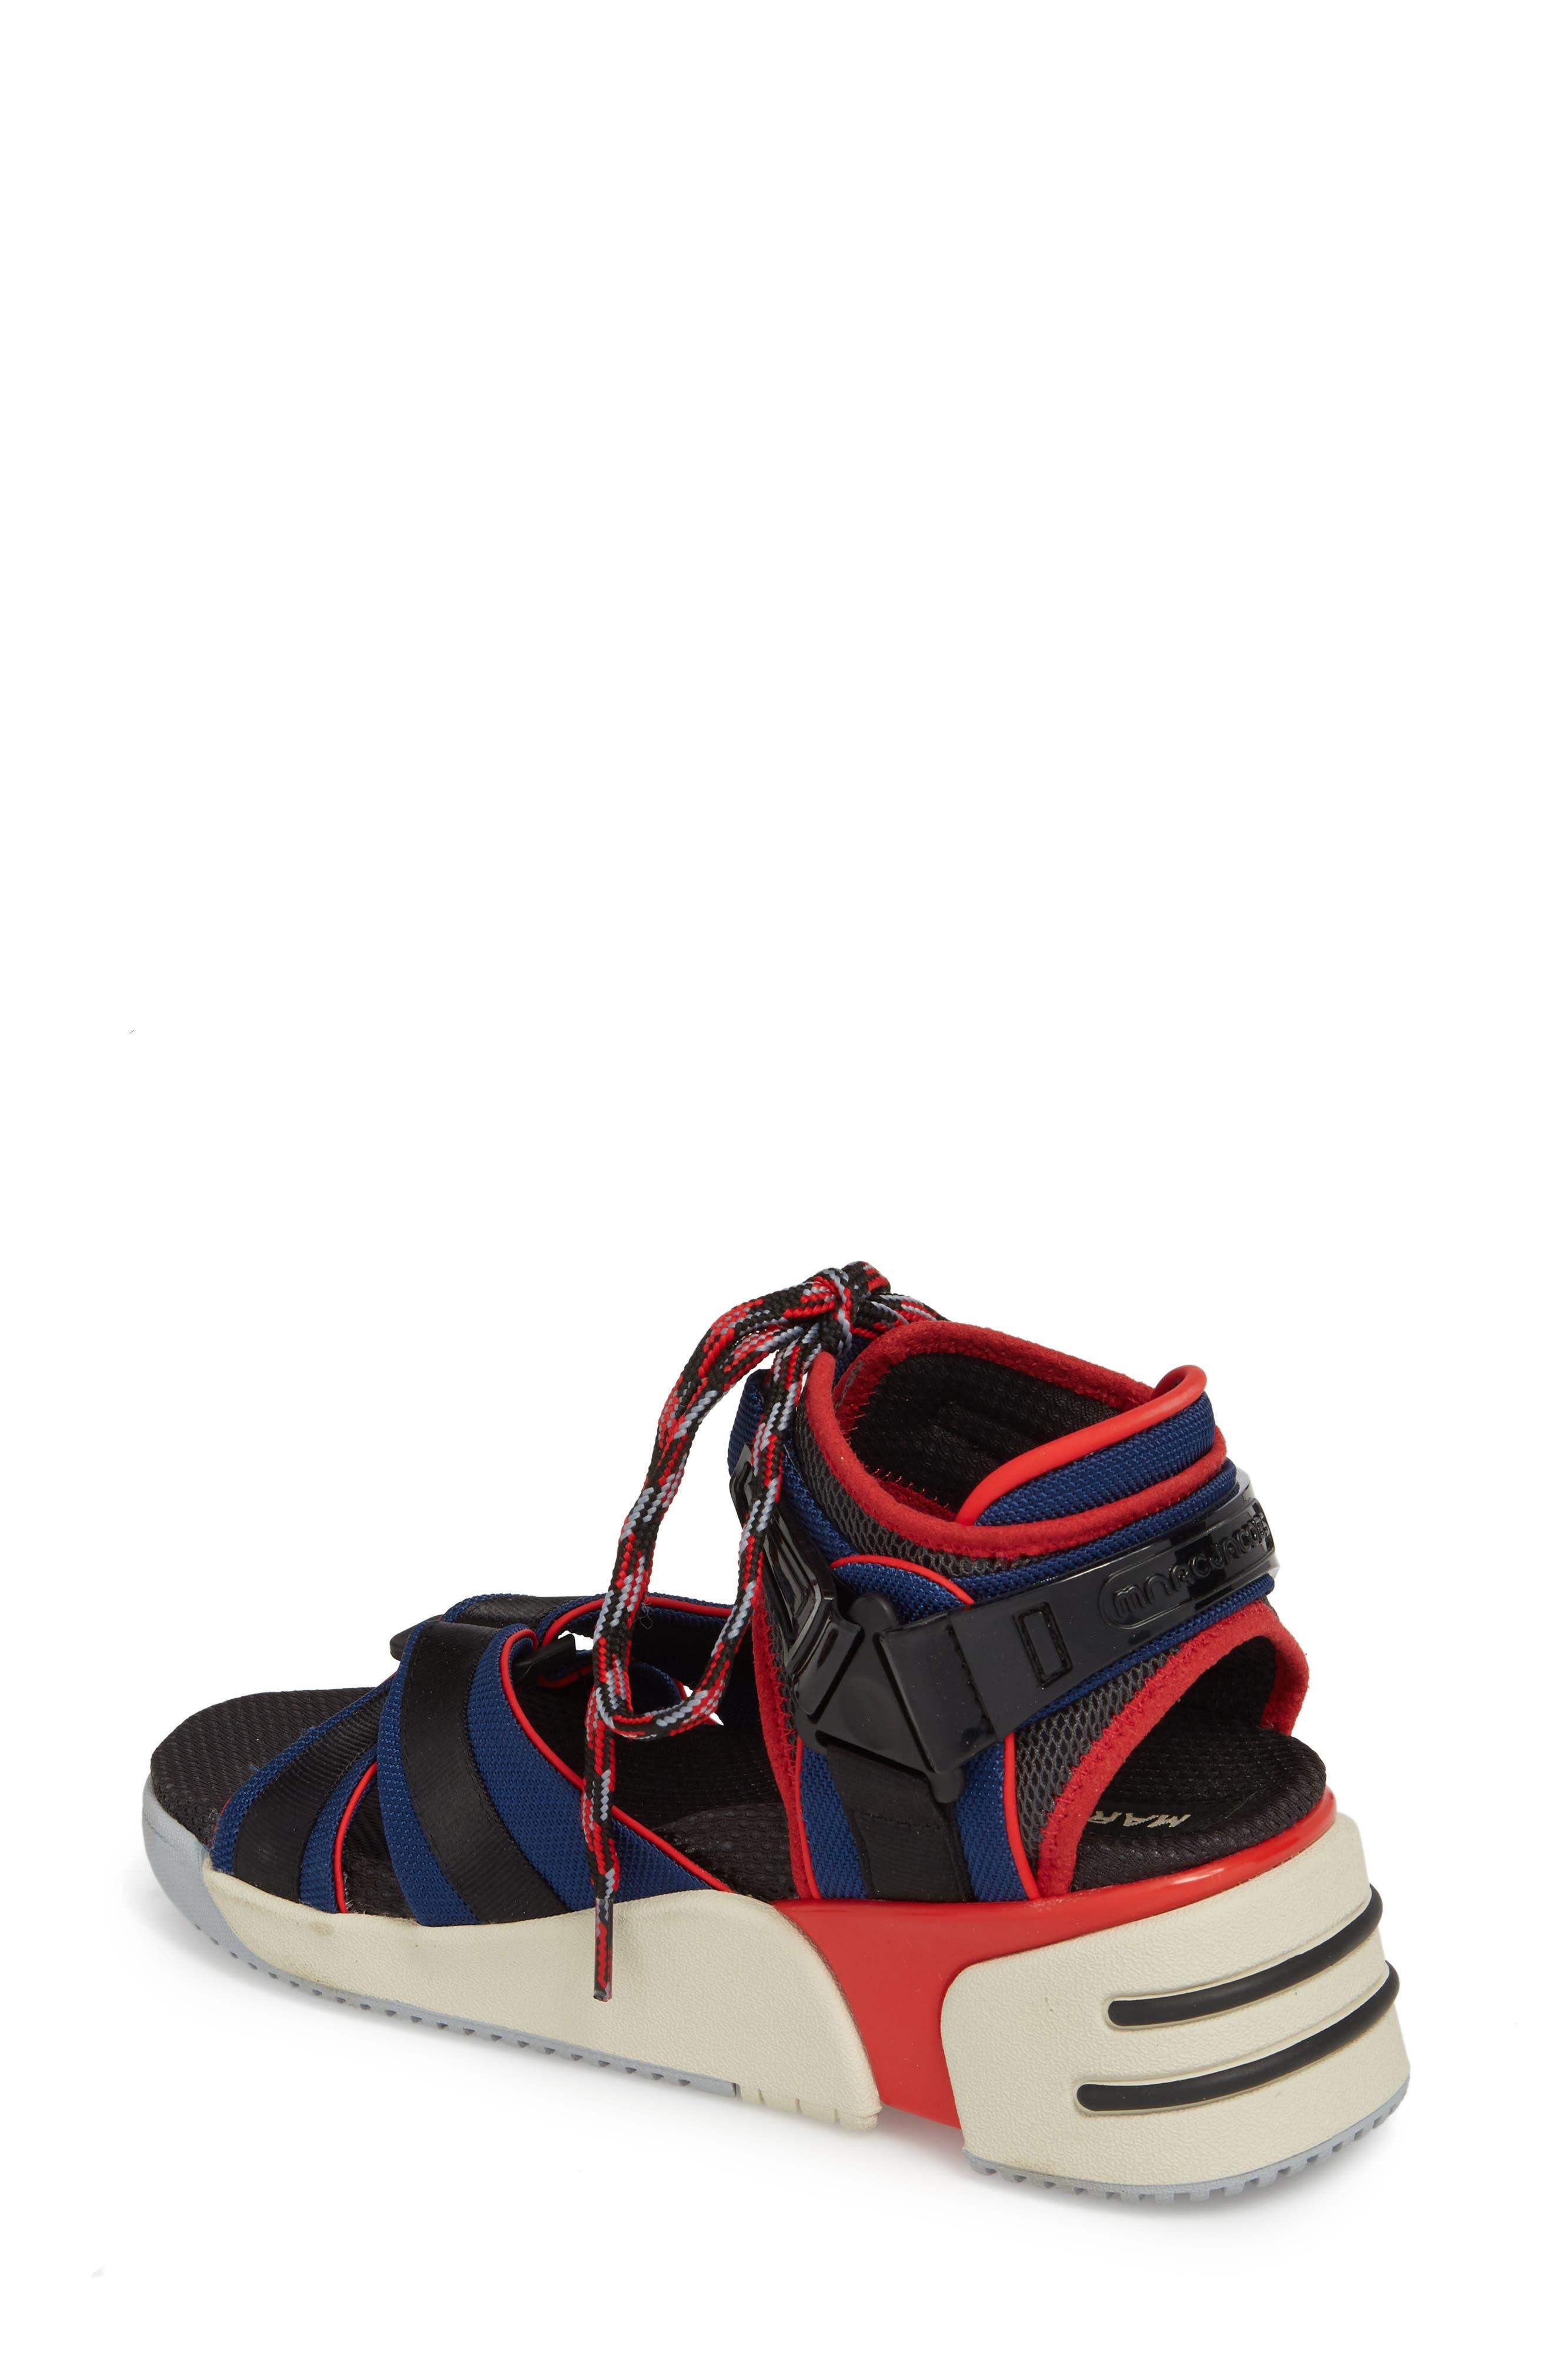 Somewhere Sport Sandal,                             Alternate thumbnail 2, color,                             Red Multi